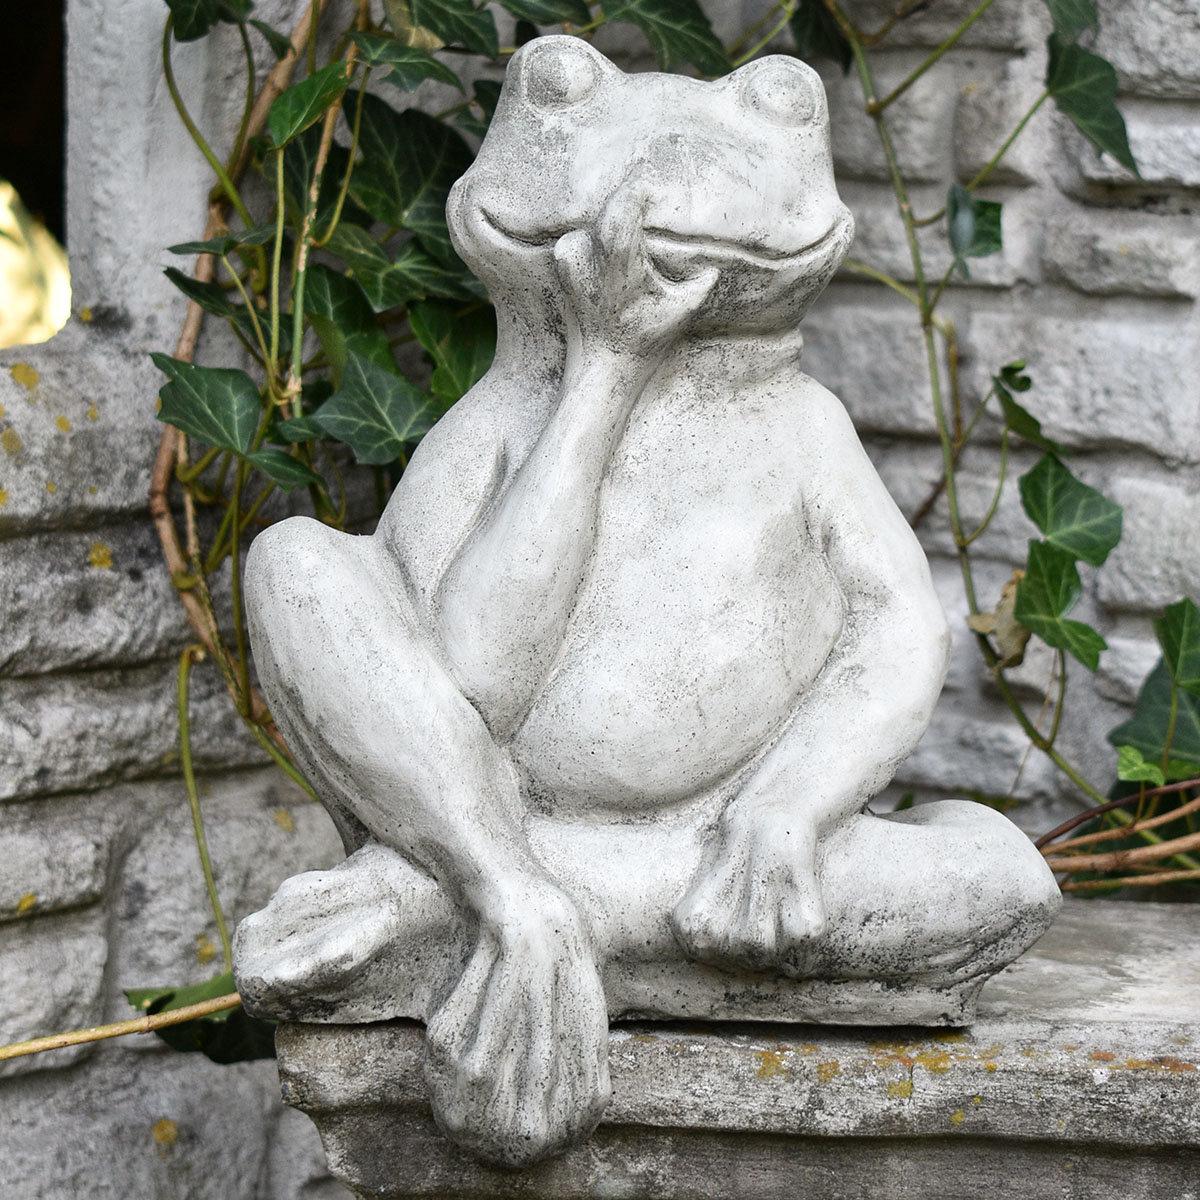 Gartenfigur Mauerhocker Frosch | #7